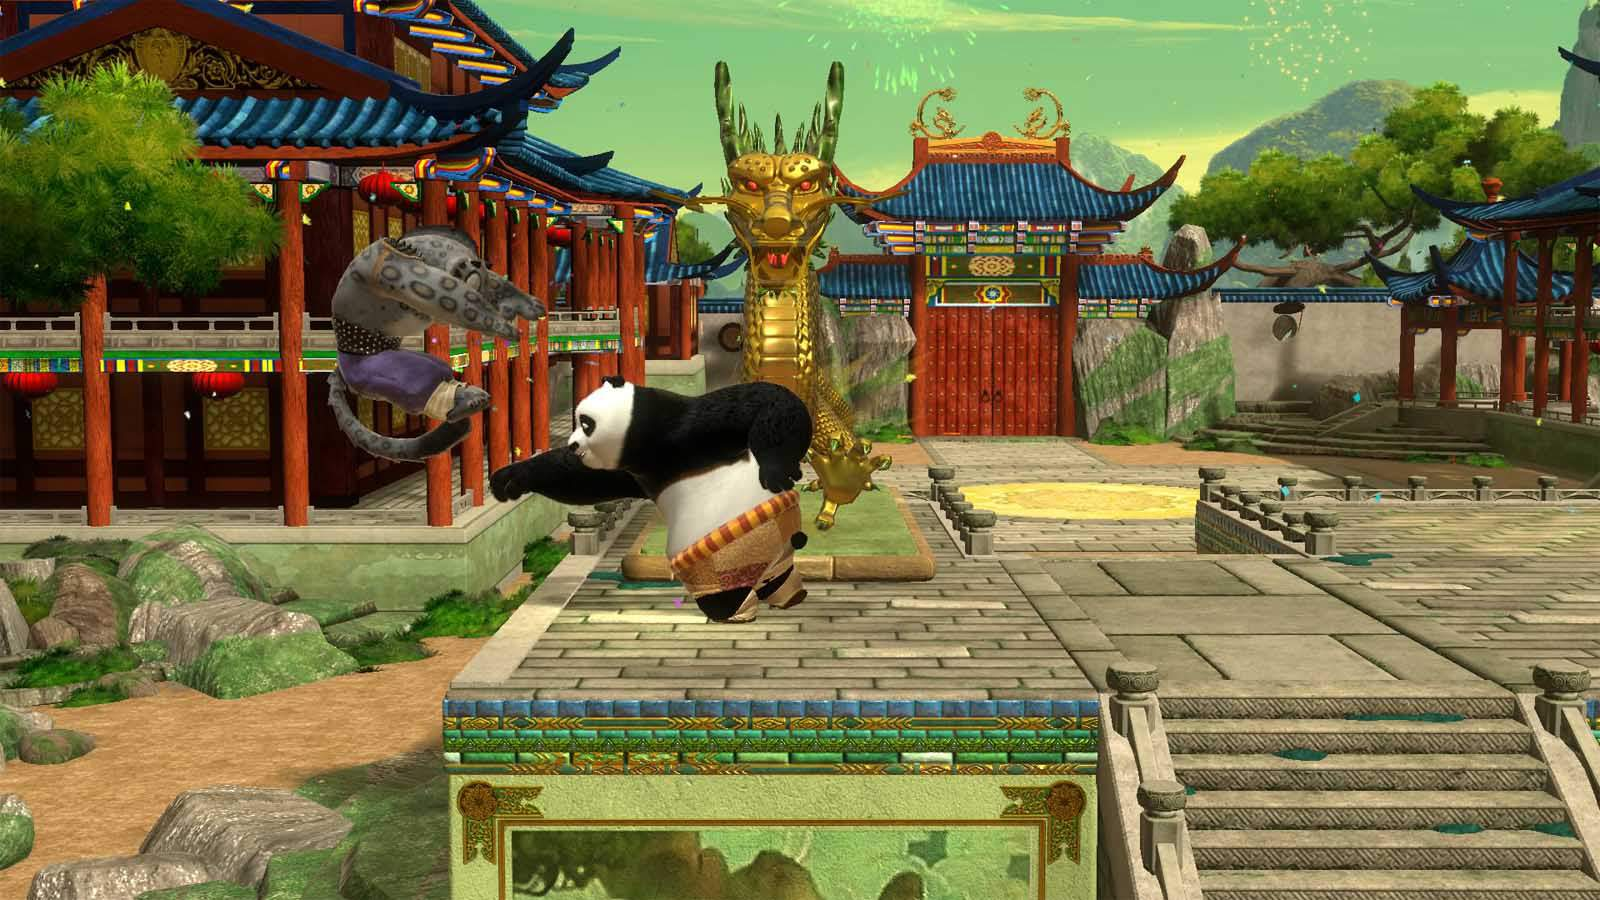 تحميل لعبة kung Fu Panda Showdown of Legendary Legends مضغوطة كاملة بروابط مباشرة مجانا